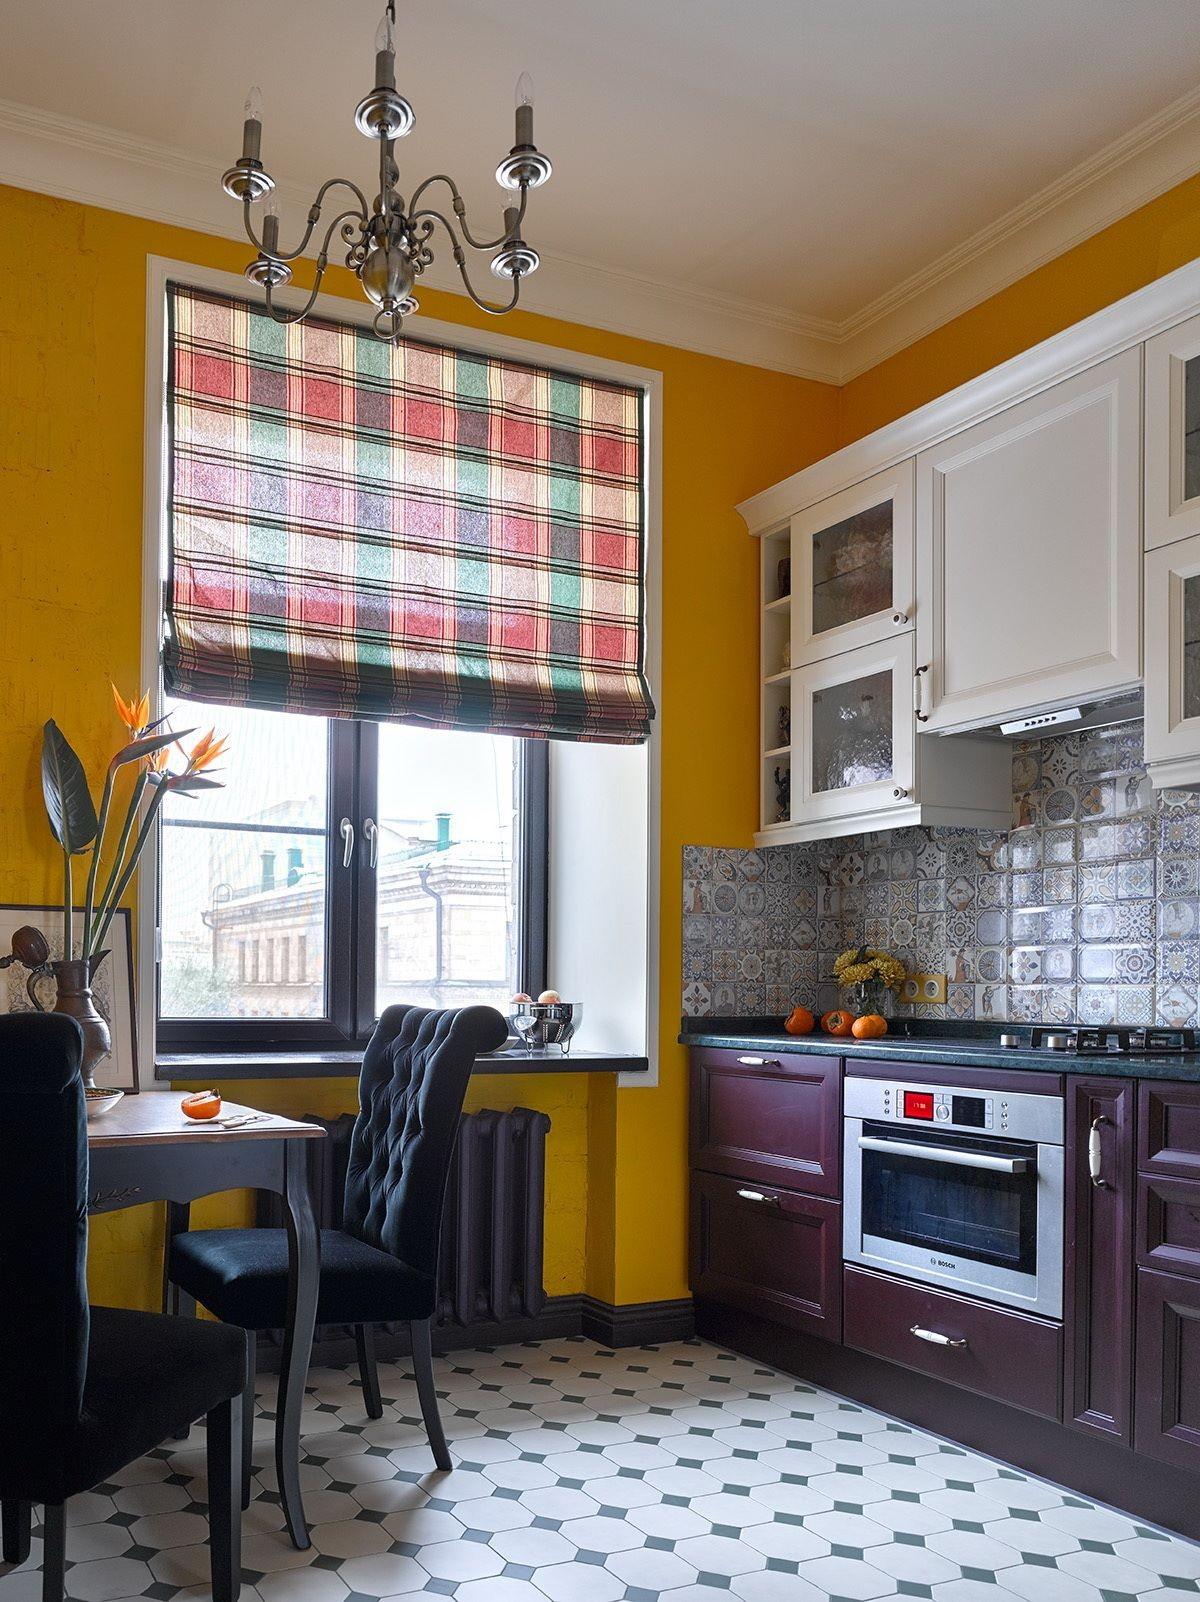 дизайн малогабаритной кухни жёлтые стены и бело-баклажанный гарнитур